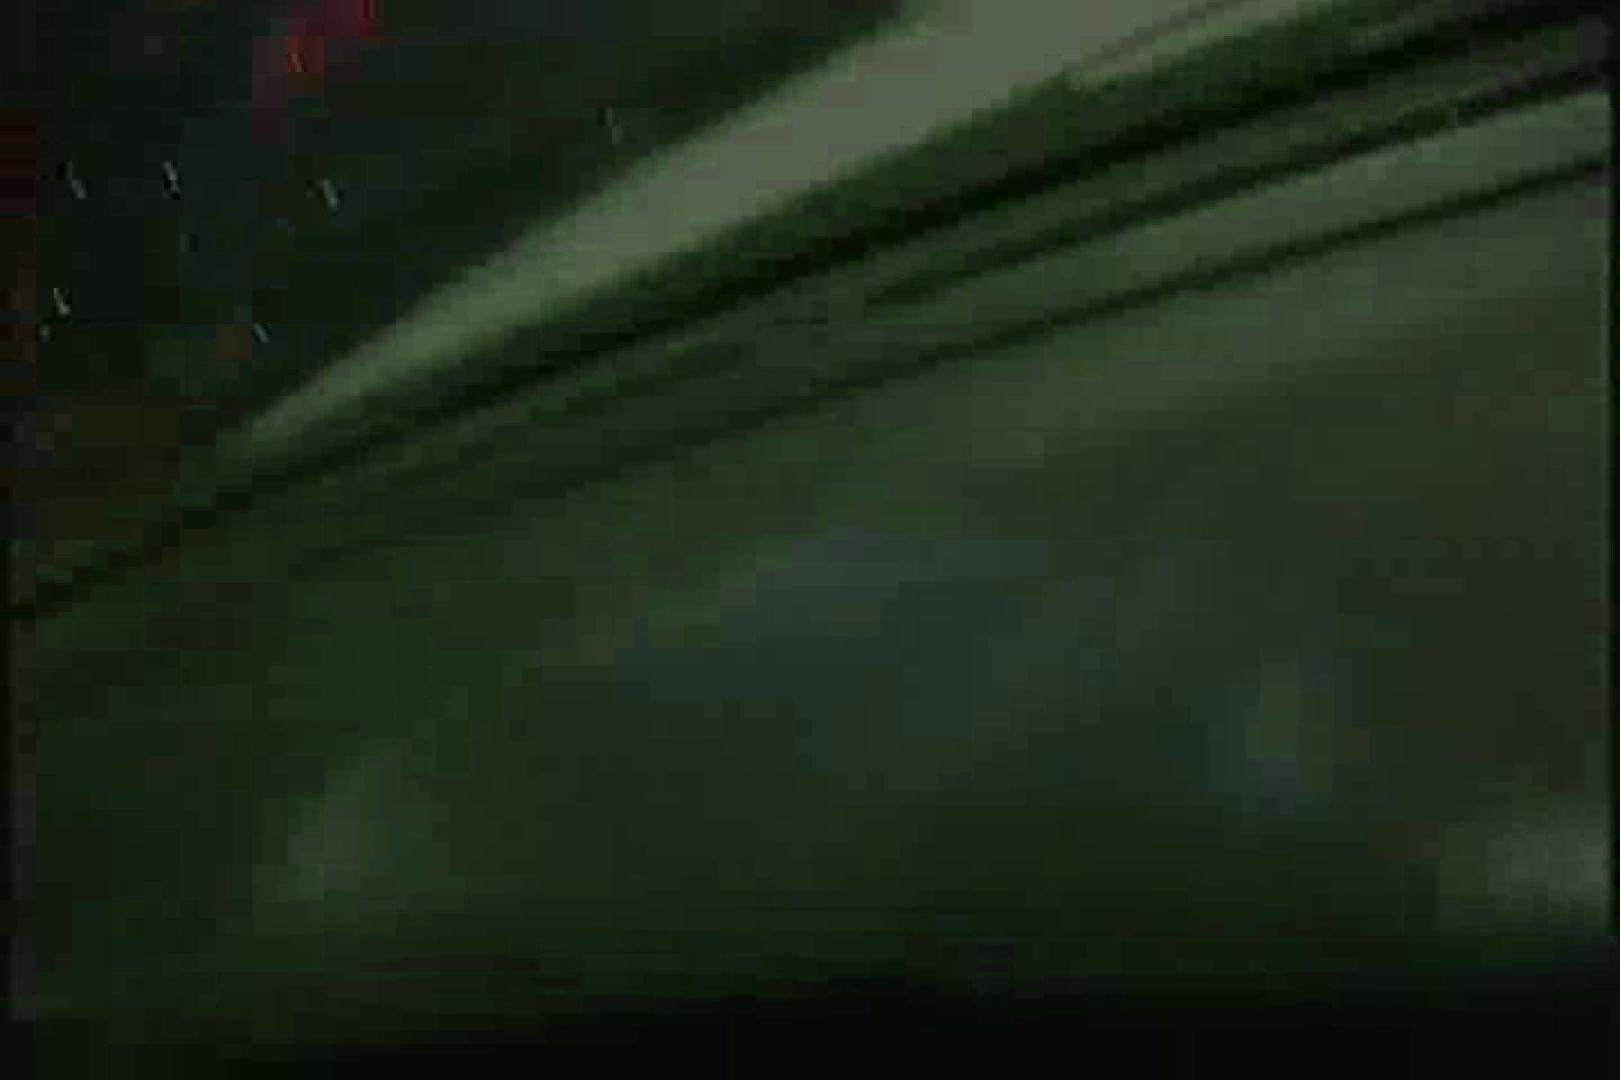 本日の大!!特選Vol.1 美しいOLの裸体 ぱこり動画紹介 69pic 30